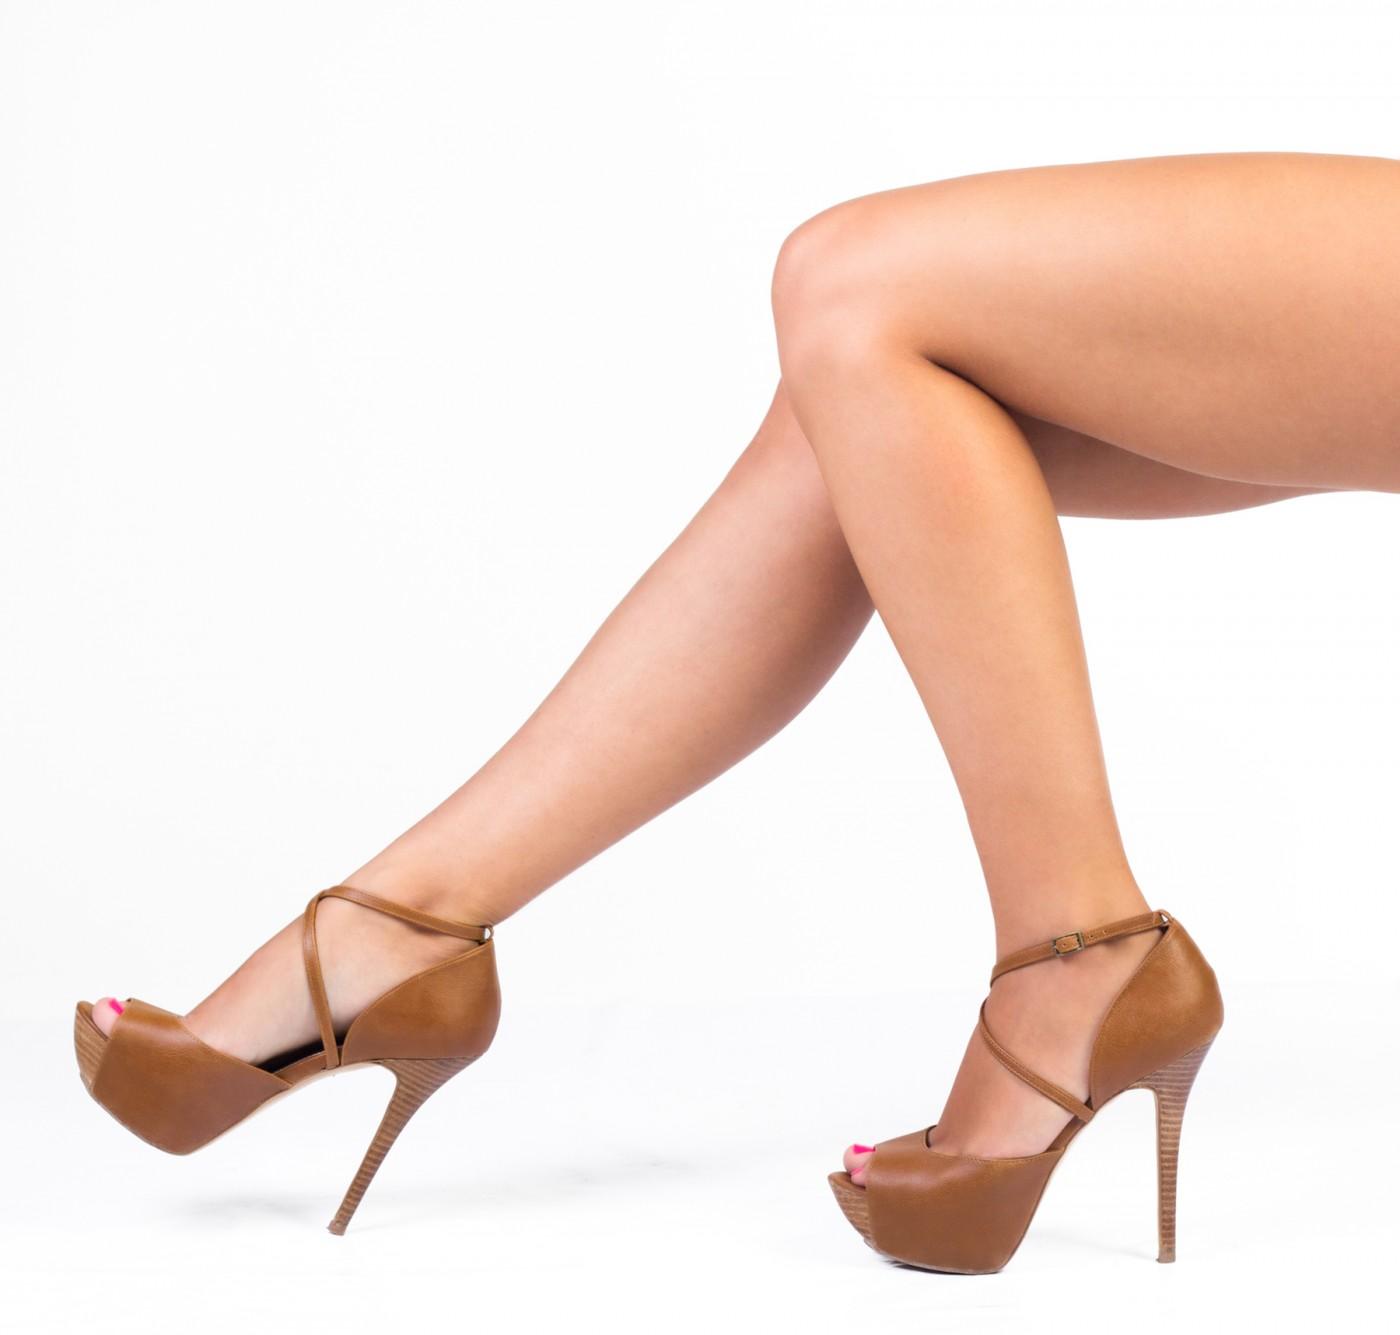 Femmes avec des talons hauts utilisés